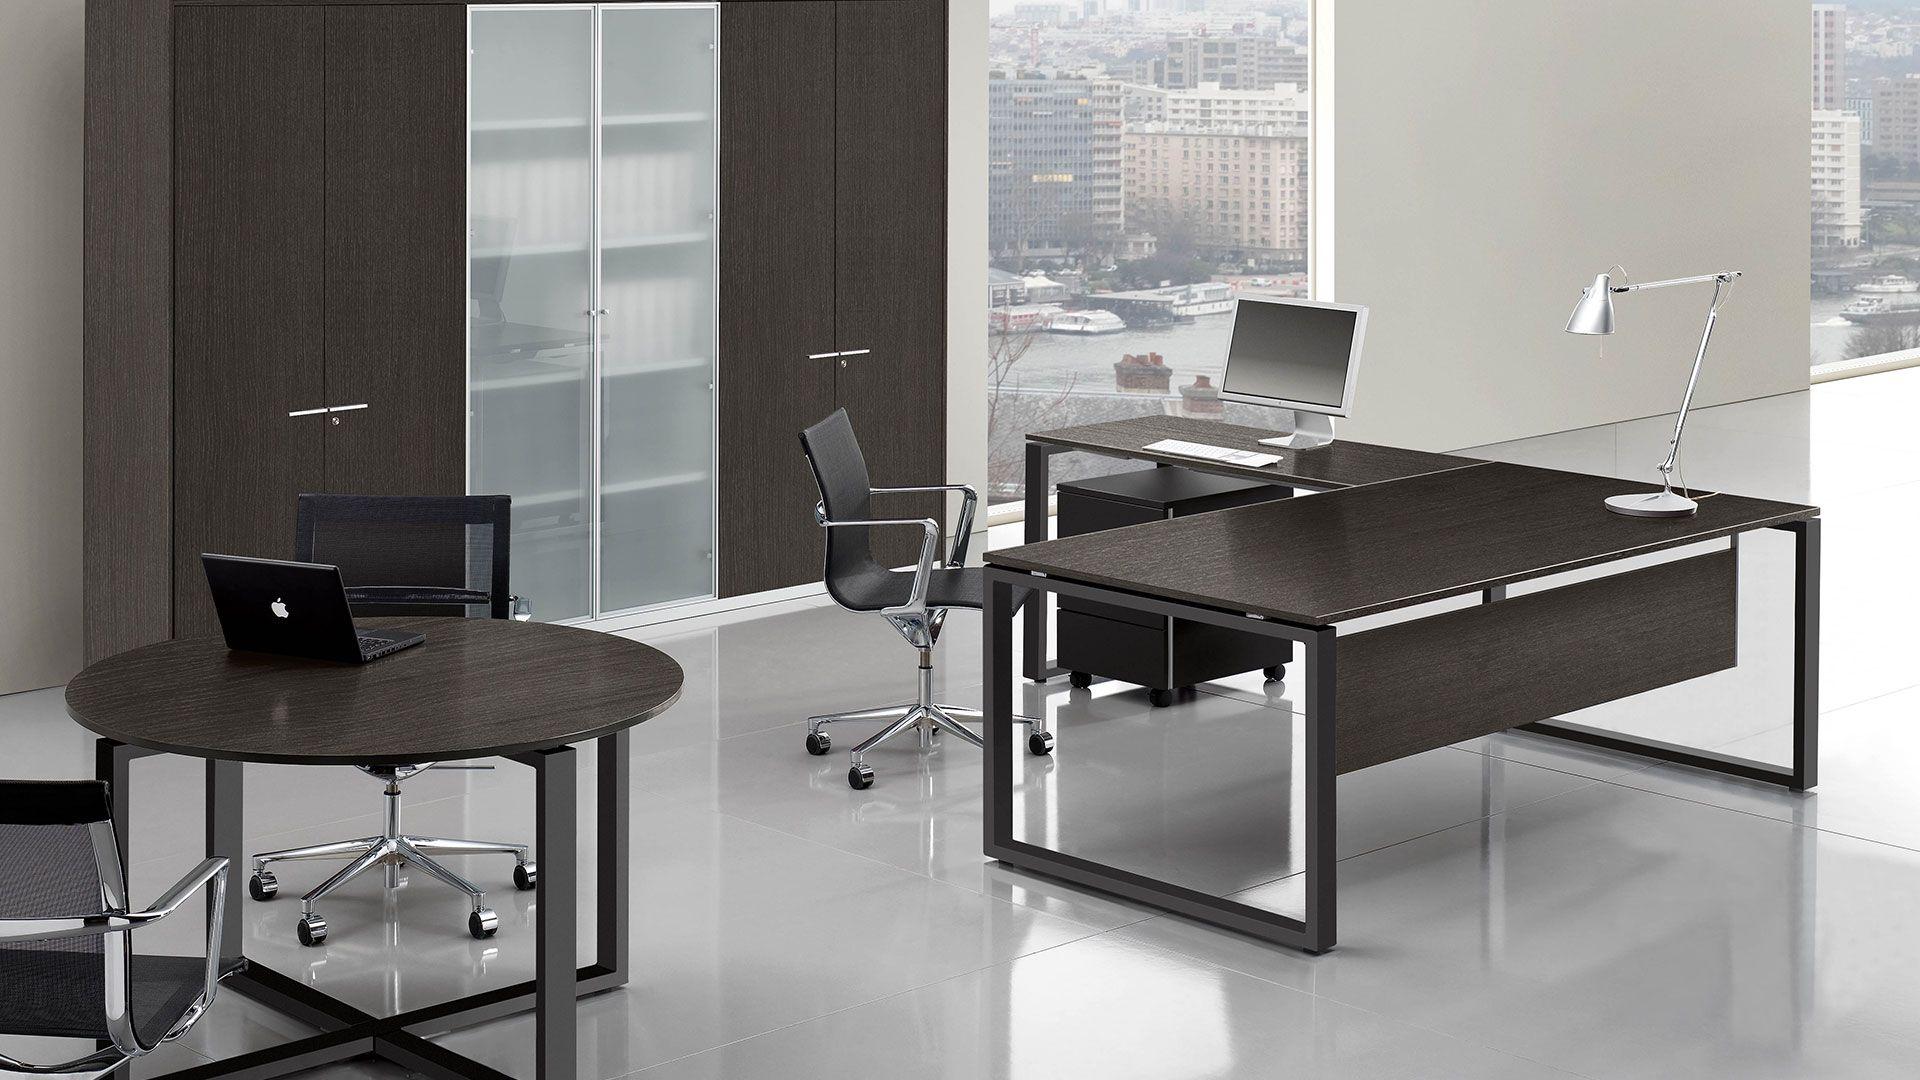 Chefzimmer Chefschreibtisch Chefbuero Schreibtisch 200x100 Cm Mit Winkelansatztisch In Wenge Dekor S Chefschreibtisch Schreibtischplatte Schreibtisch